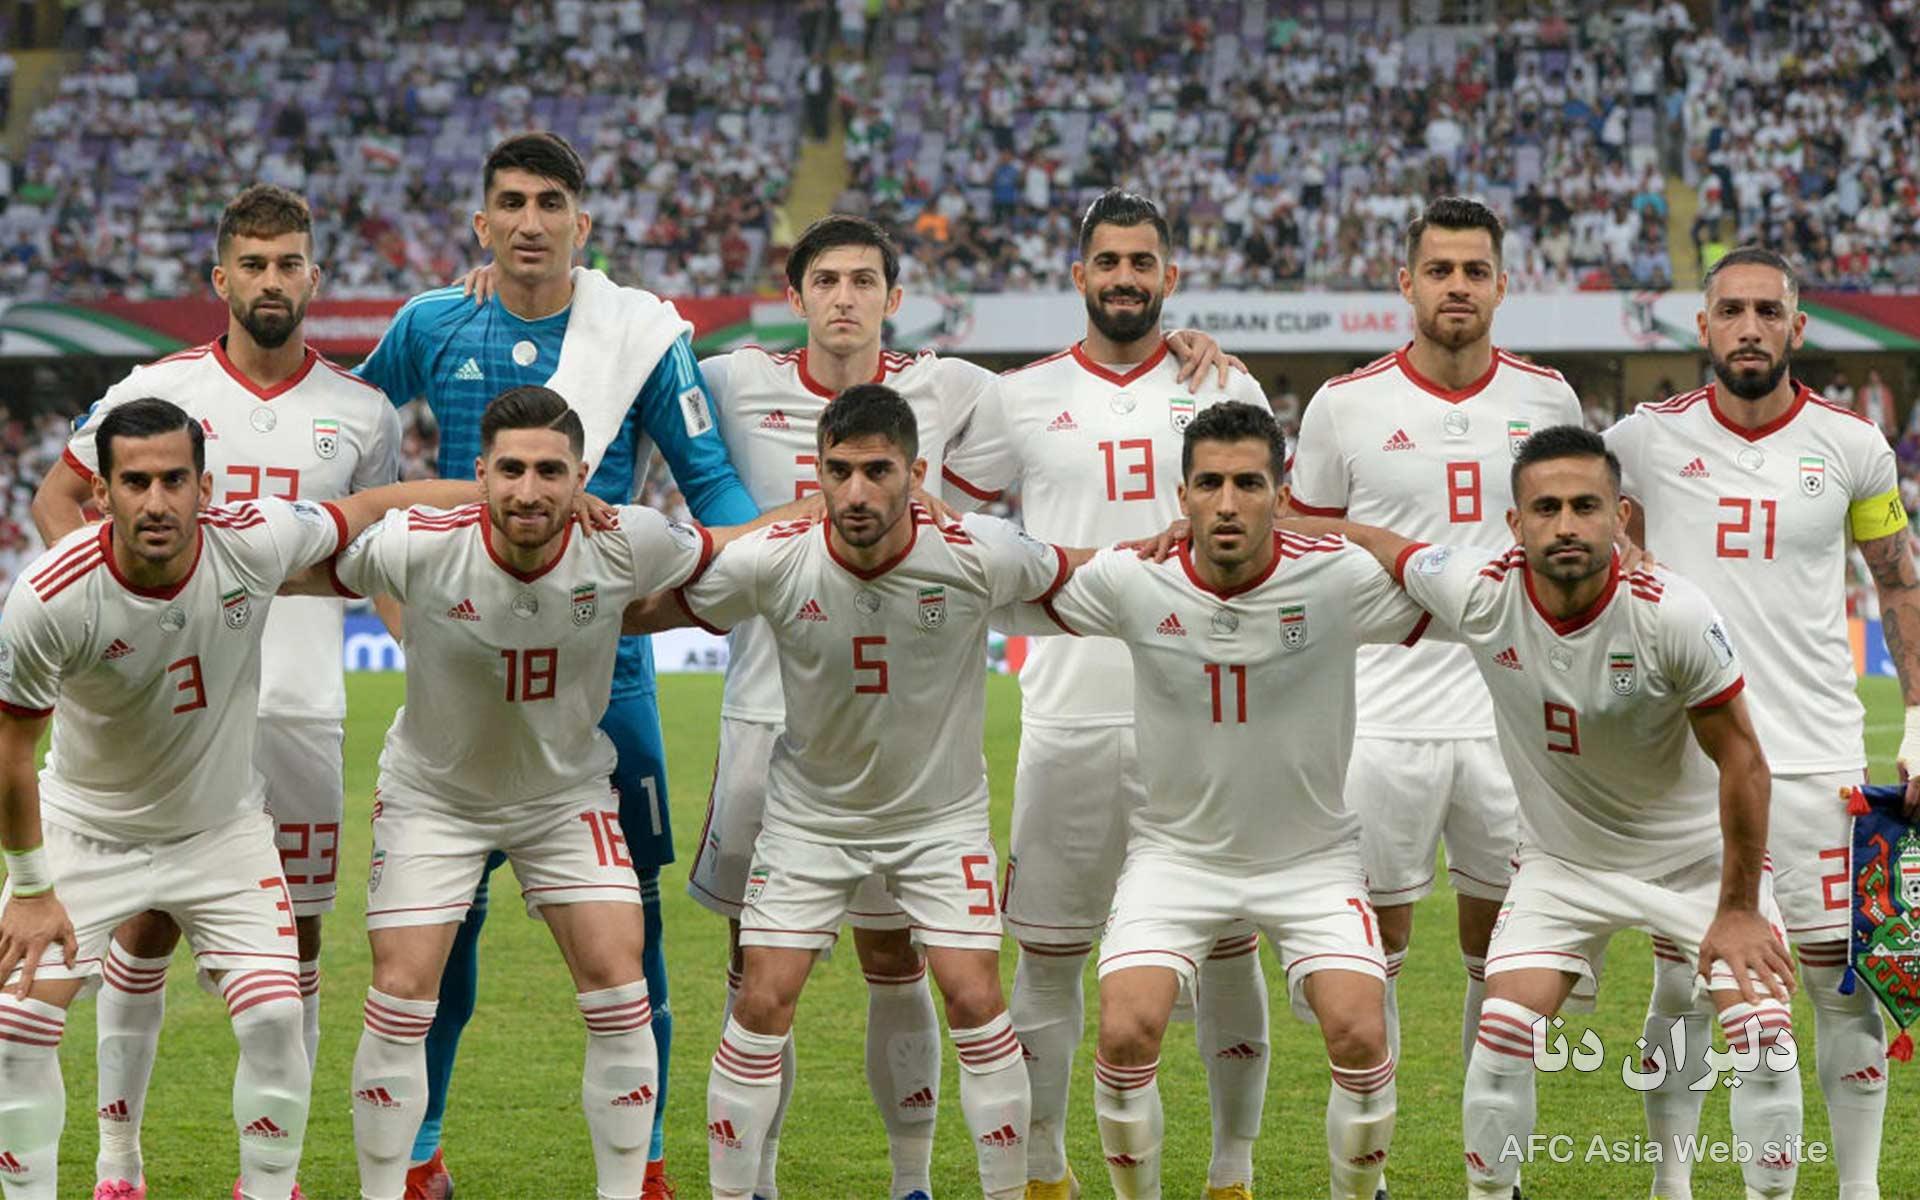 دانلود عکس تیم ملی فوتبال ایران 1